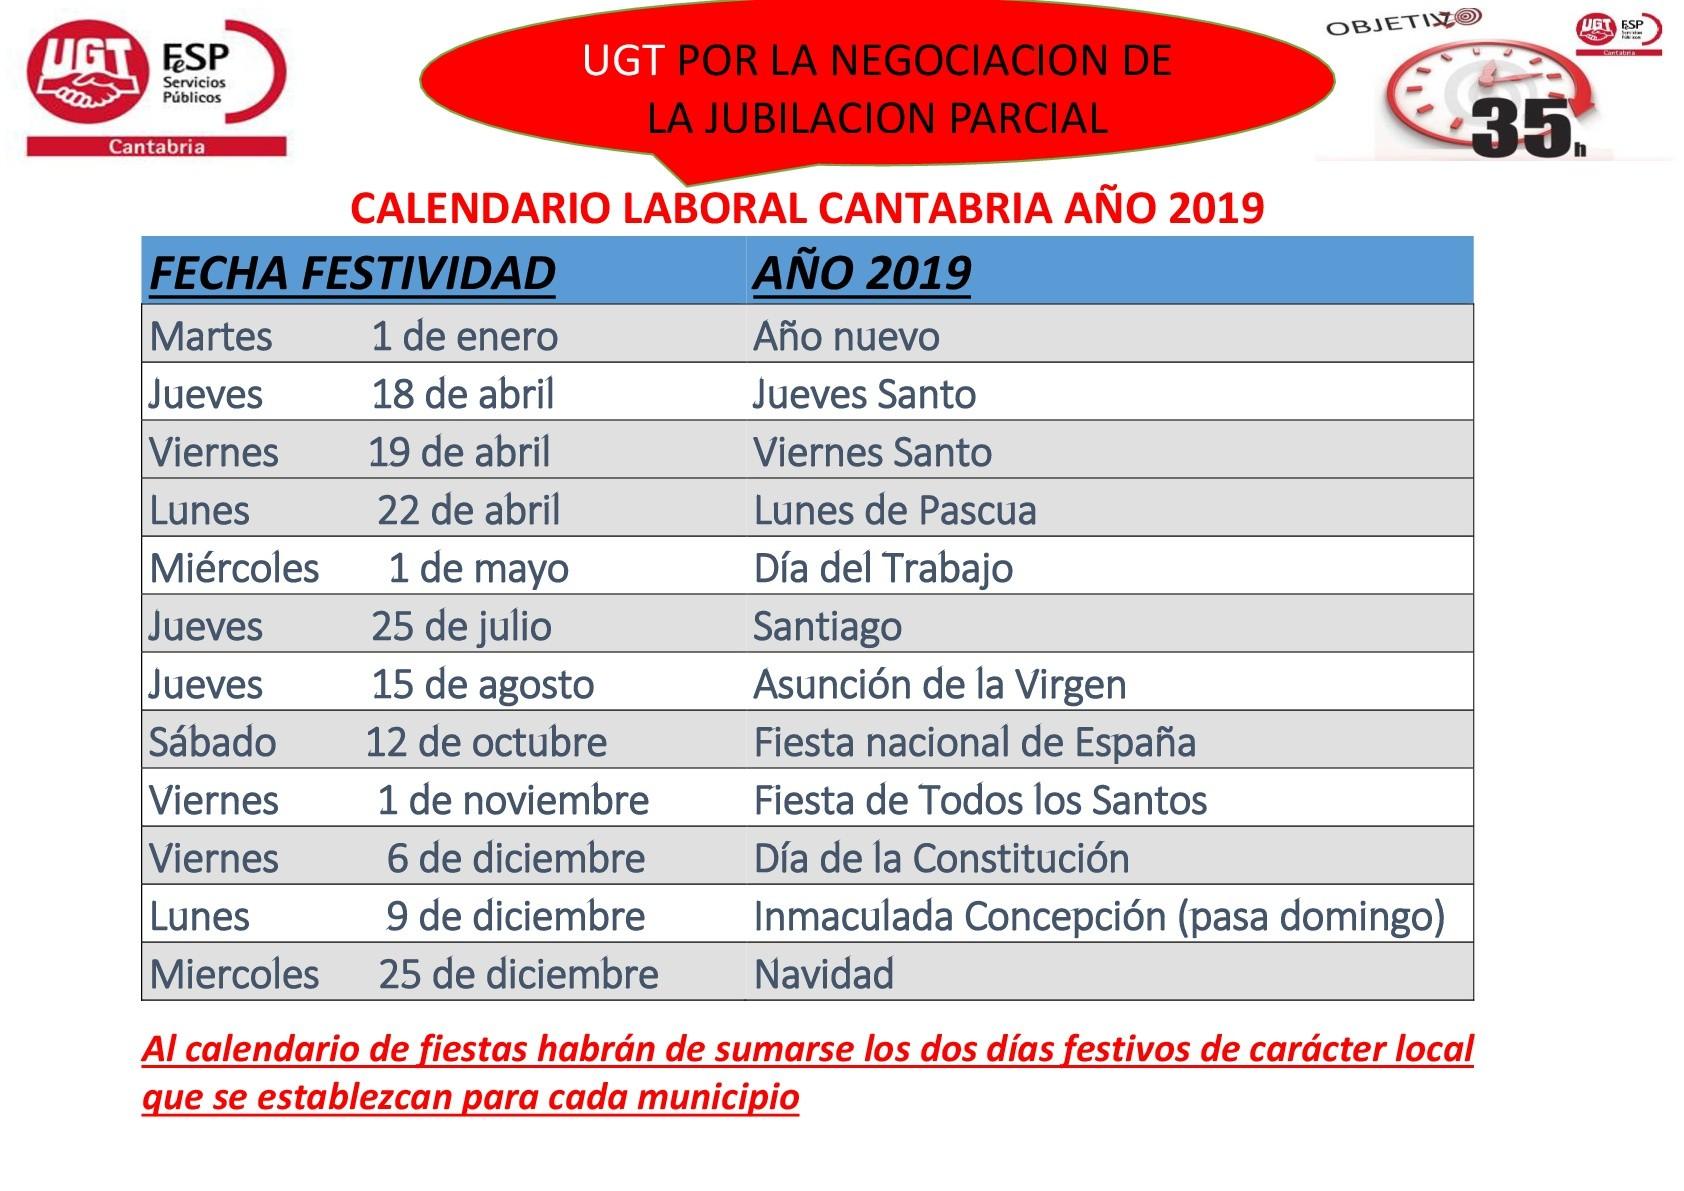 CALENDARIO LABORAL CANTABRIA A'O 2019 001 1